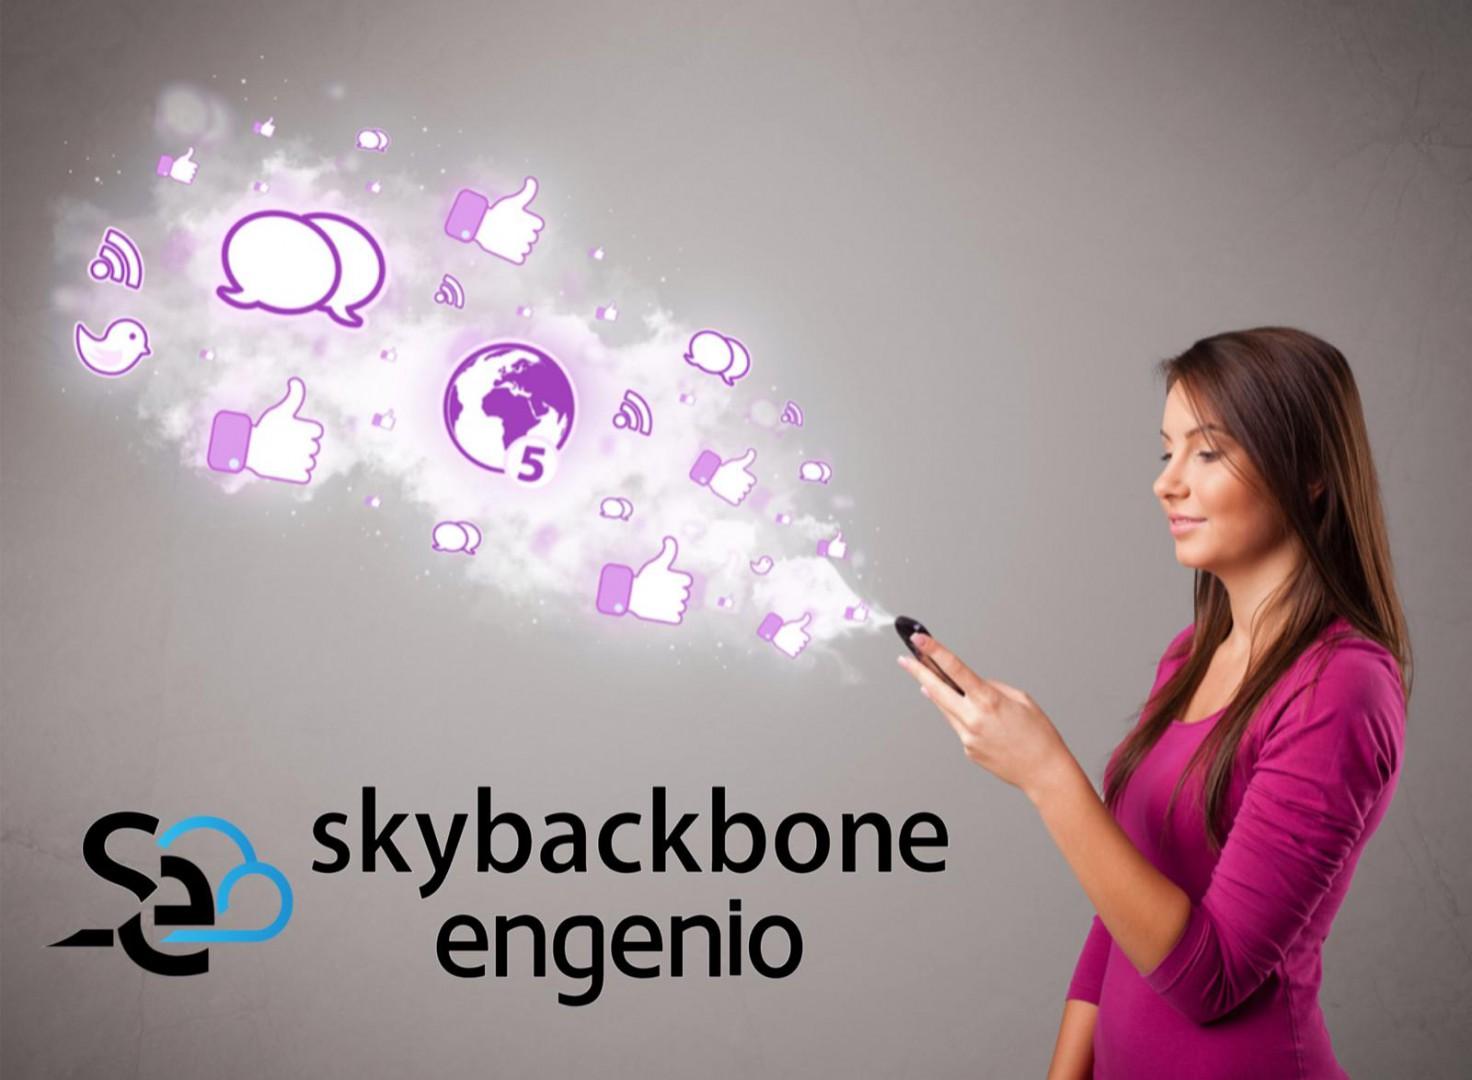 Smart Working, i consigli giusti della Cloud Company Skybackbone Engenio per lavorare con successo